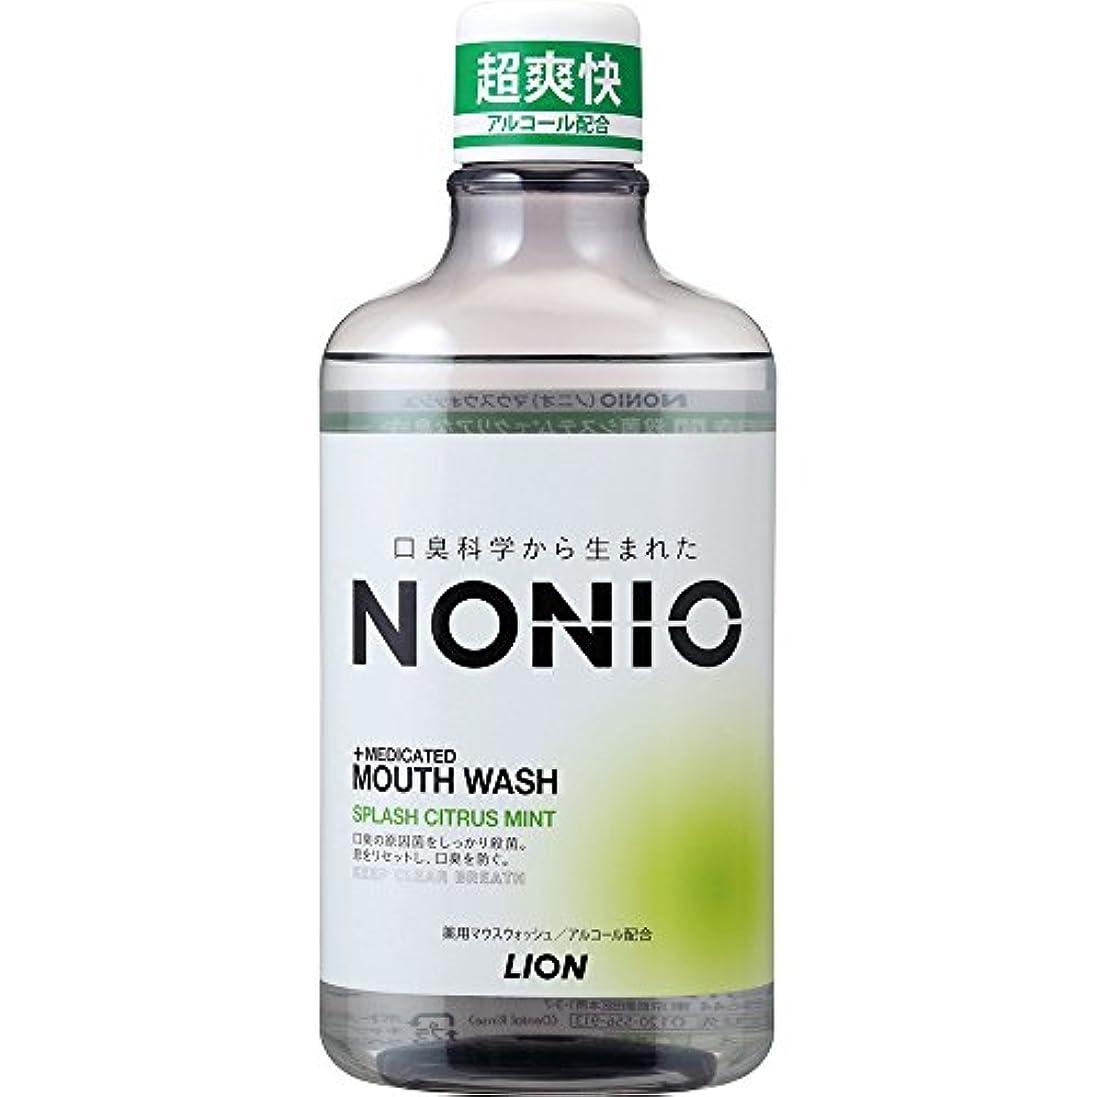 メールナビゲーション変化する[医薬部外品]NONIO マウスウォッシュ スプラッシュシトラスミント 600ml 洗口液